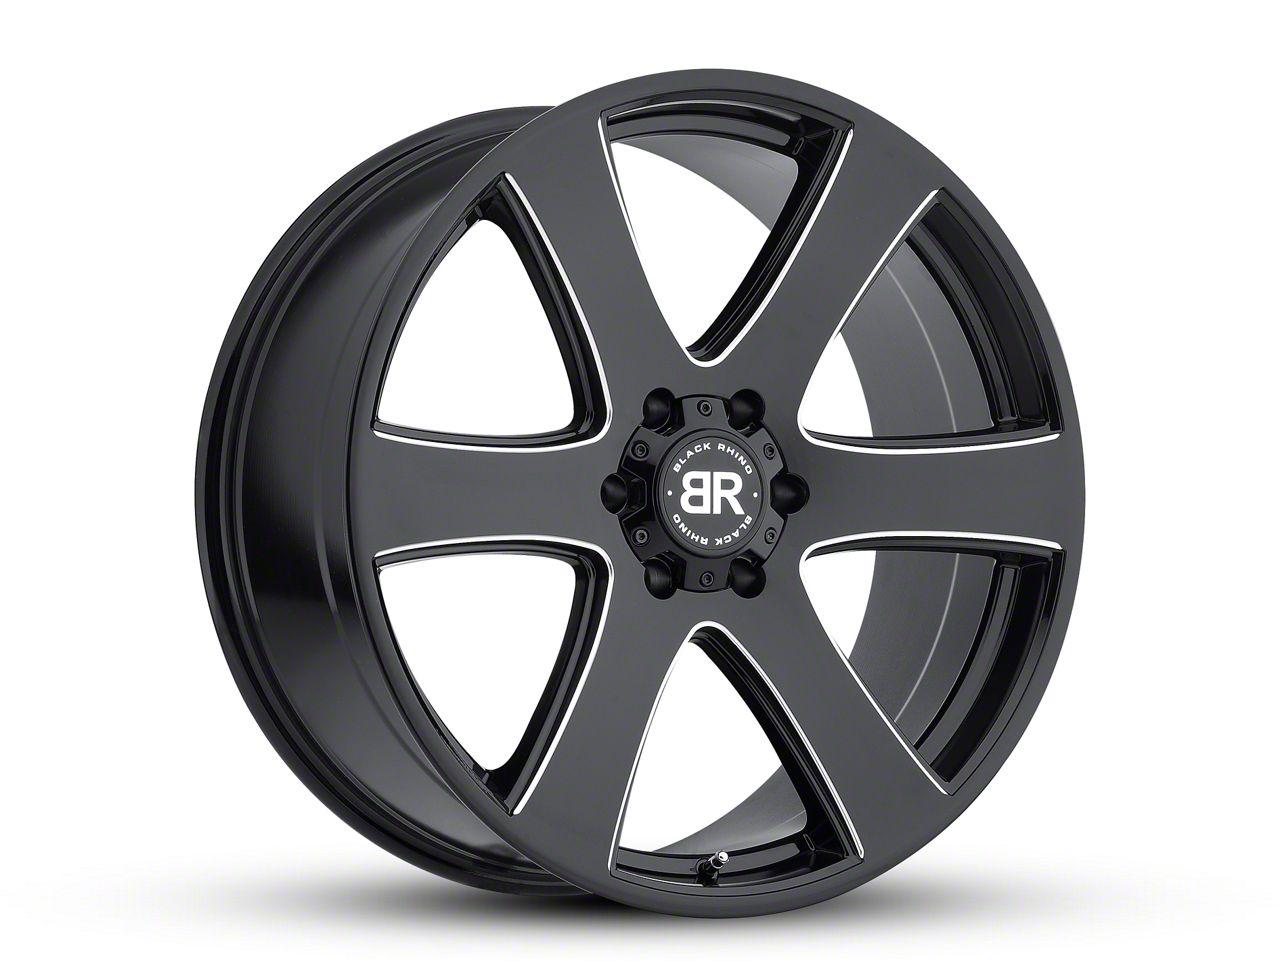 Black Rhino Haka Gloss Black Milled 6-Lug Wheel - 22x9.5 (99-18 Silverado 1500)